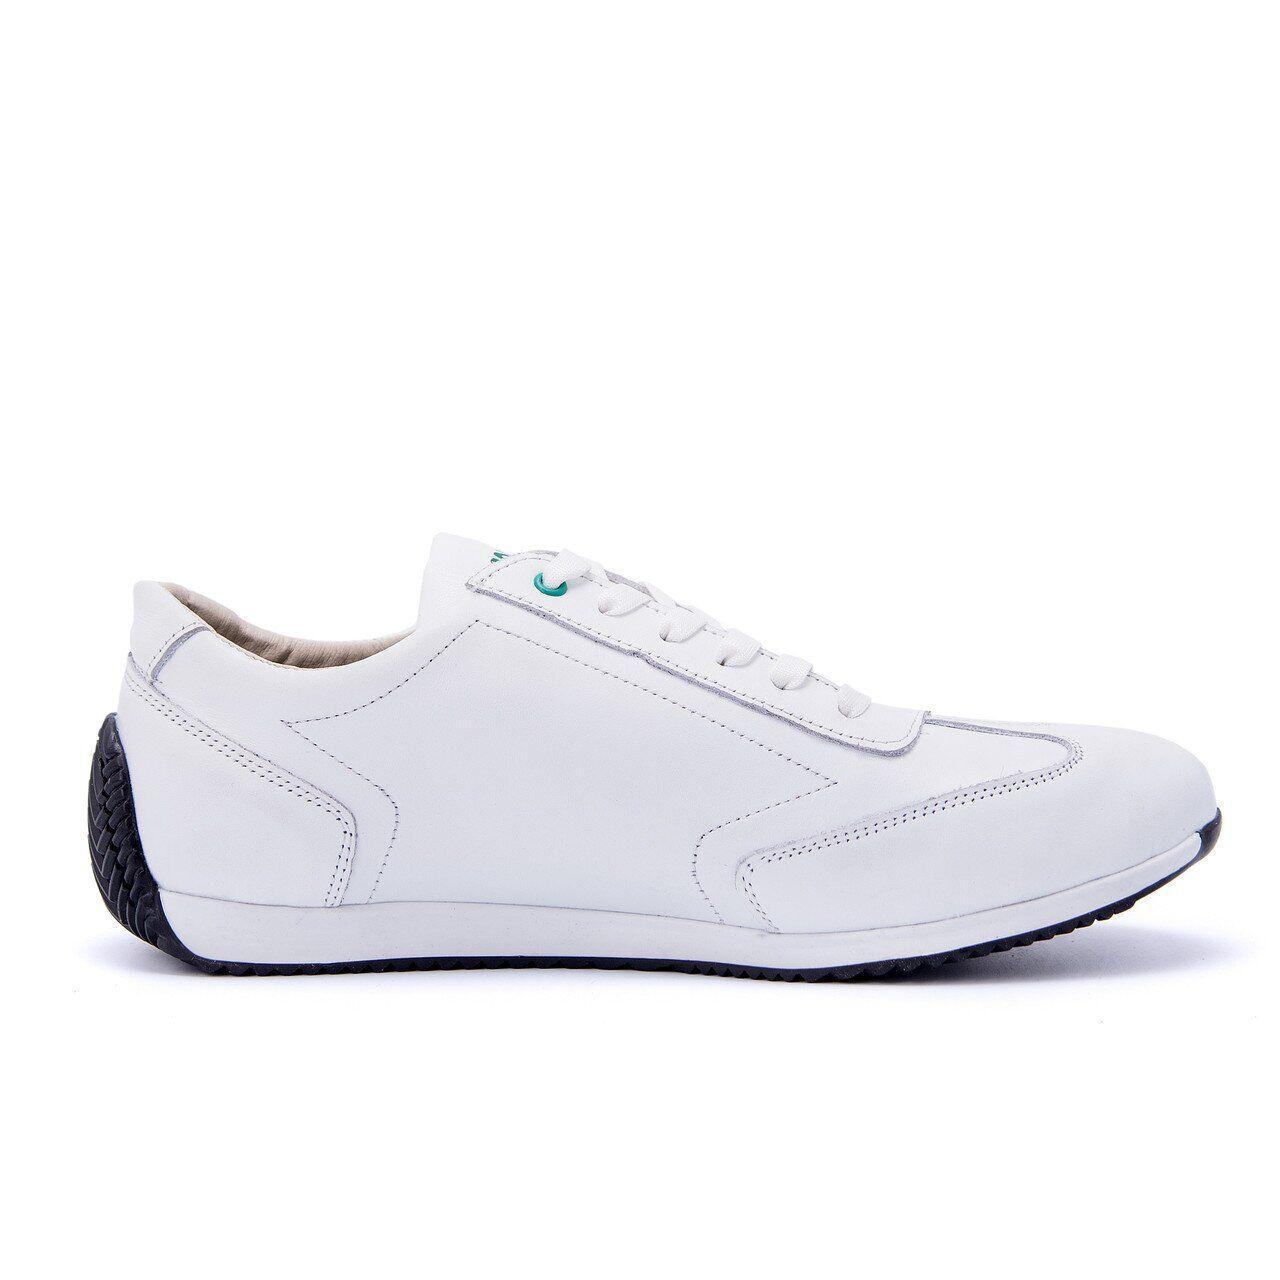 Мужские кроссовки Lacoste Lerond White